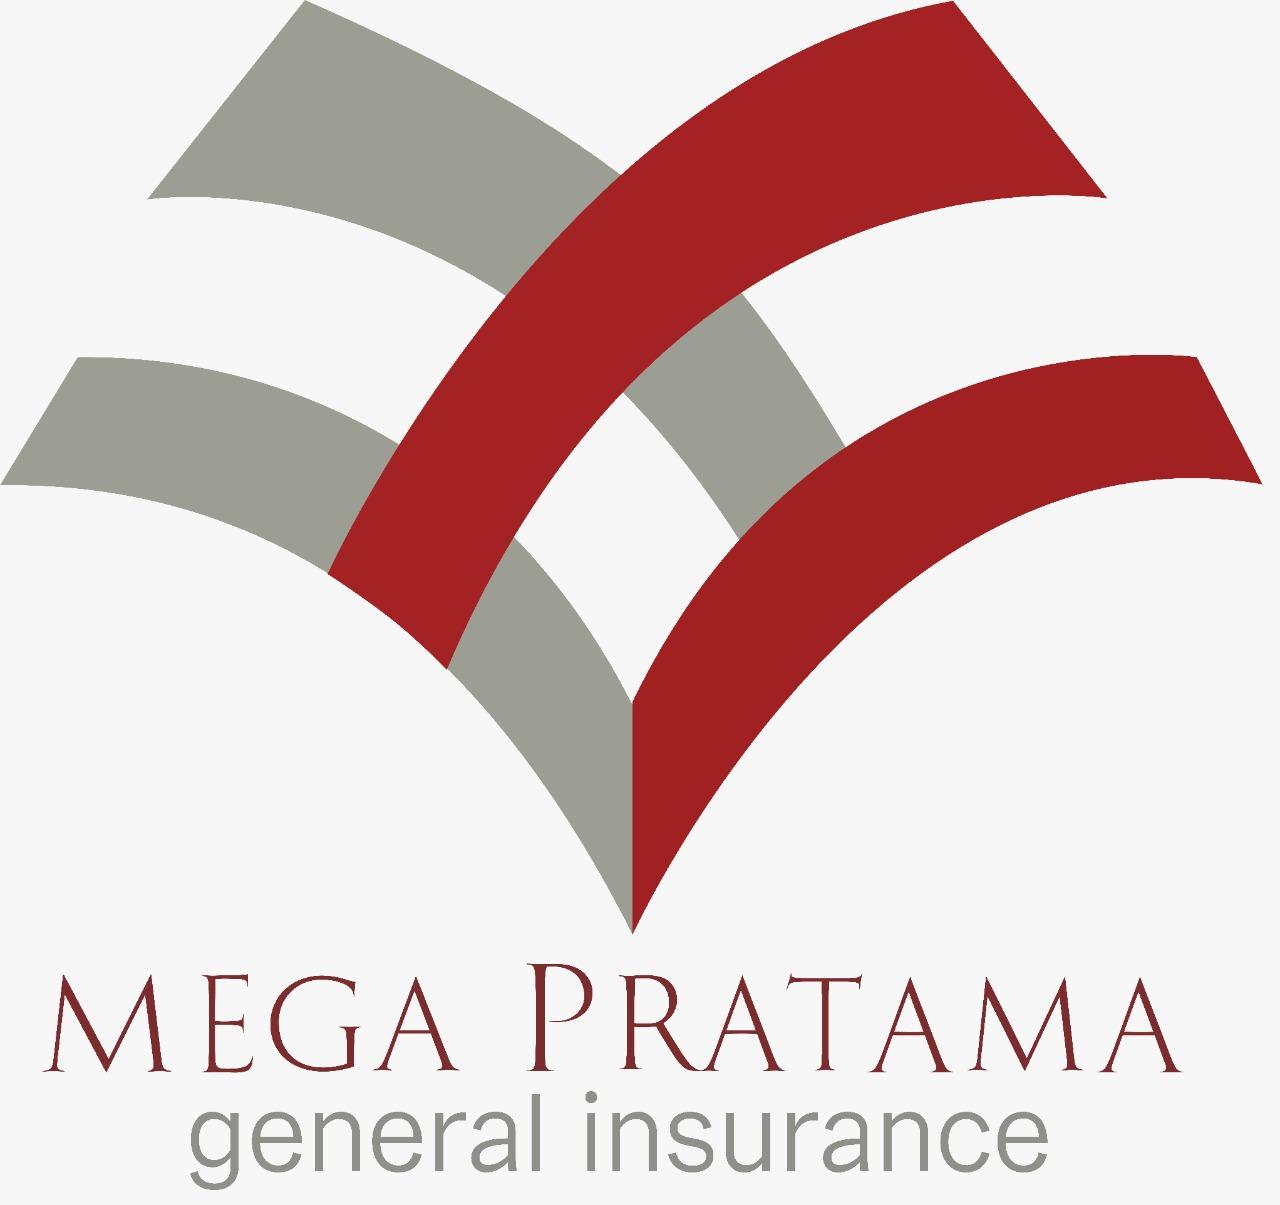 /images/logo/insurance_mega_pratama.jpeg